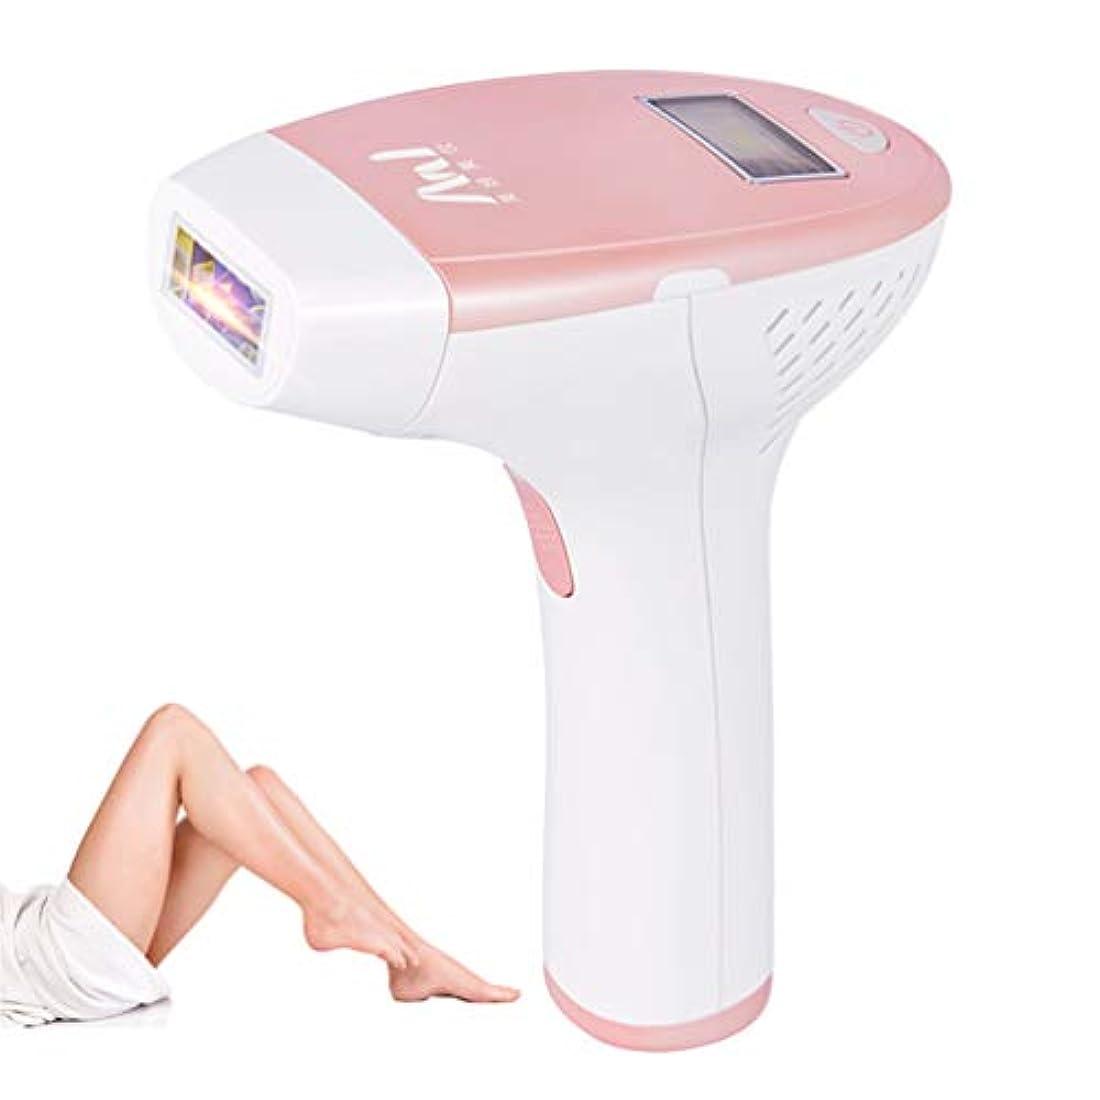 関税また刈る女性の男性の体の顔とビキニ脇の下にレーザー痛みのない永久的な美容デバイスの脱毛システムレーザー脱毛装置